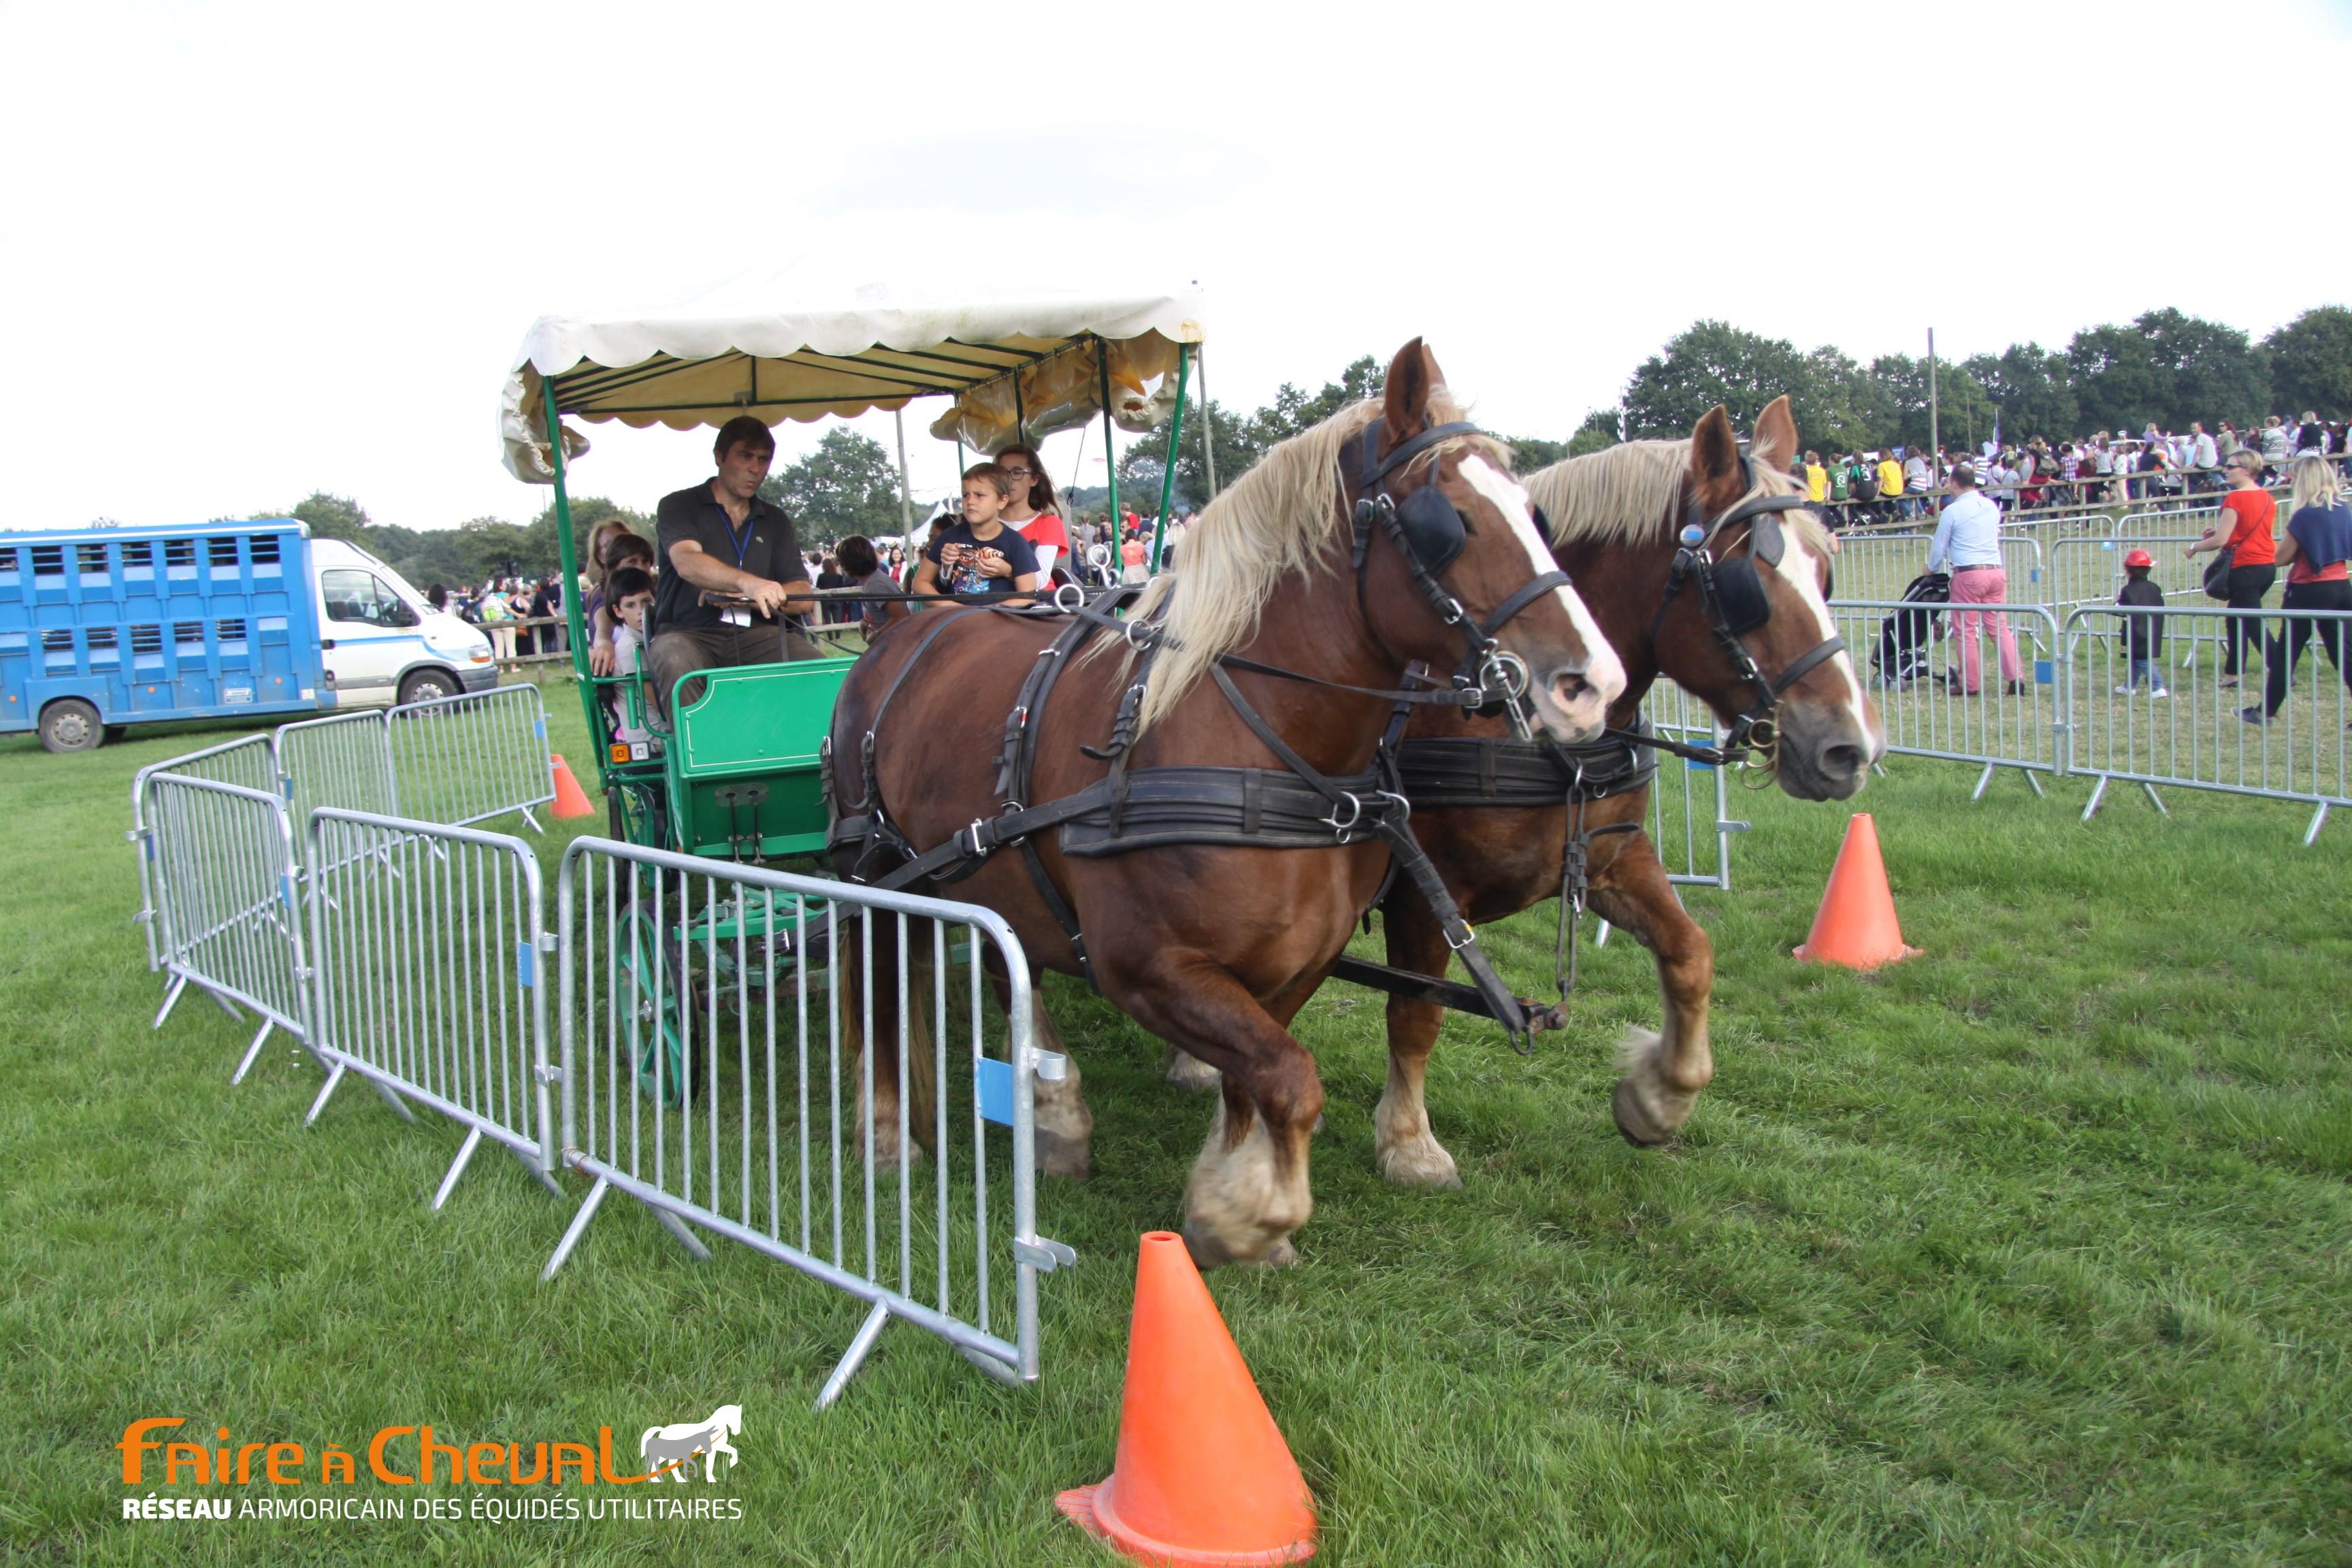 Attelage en paire sur le parcours urbain - Fête du cheval Rennes La Prevalaye 2015